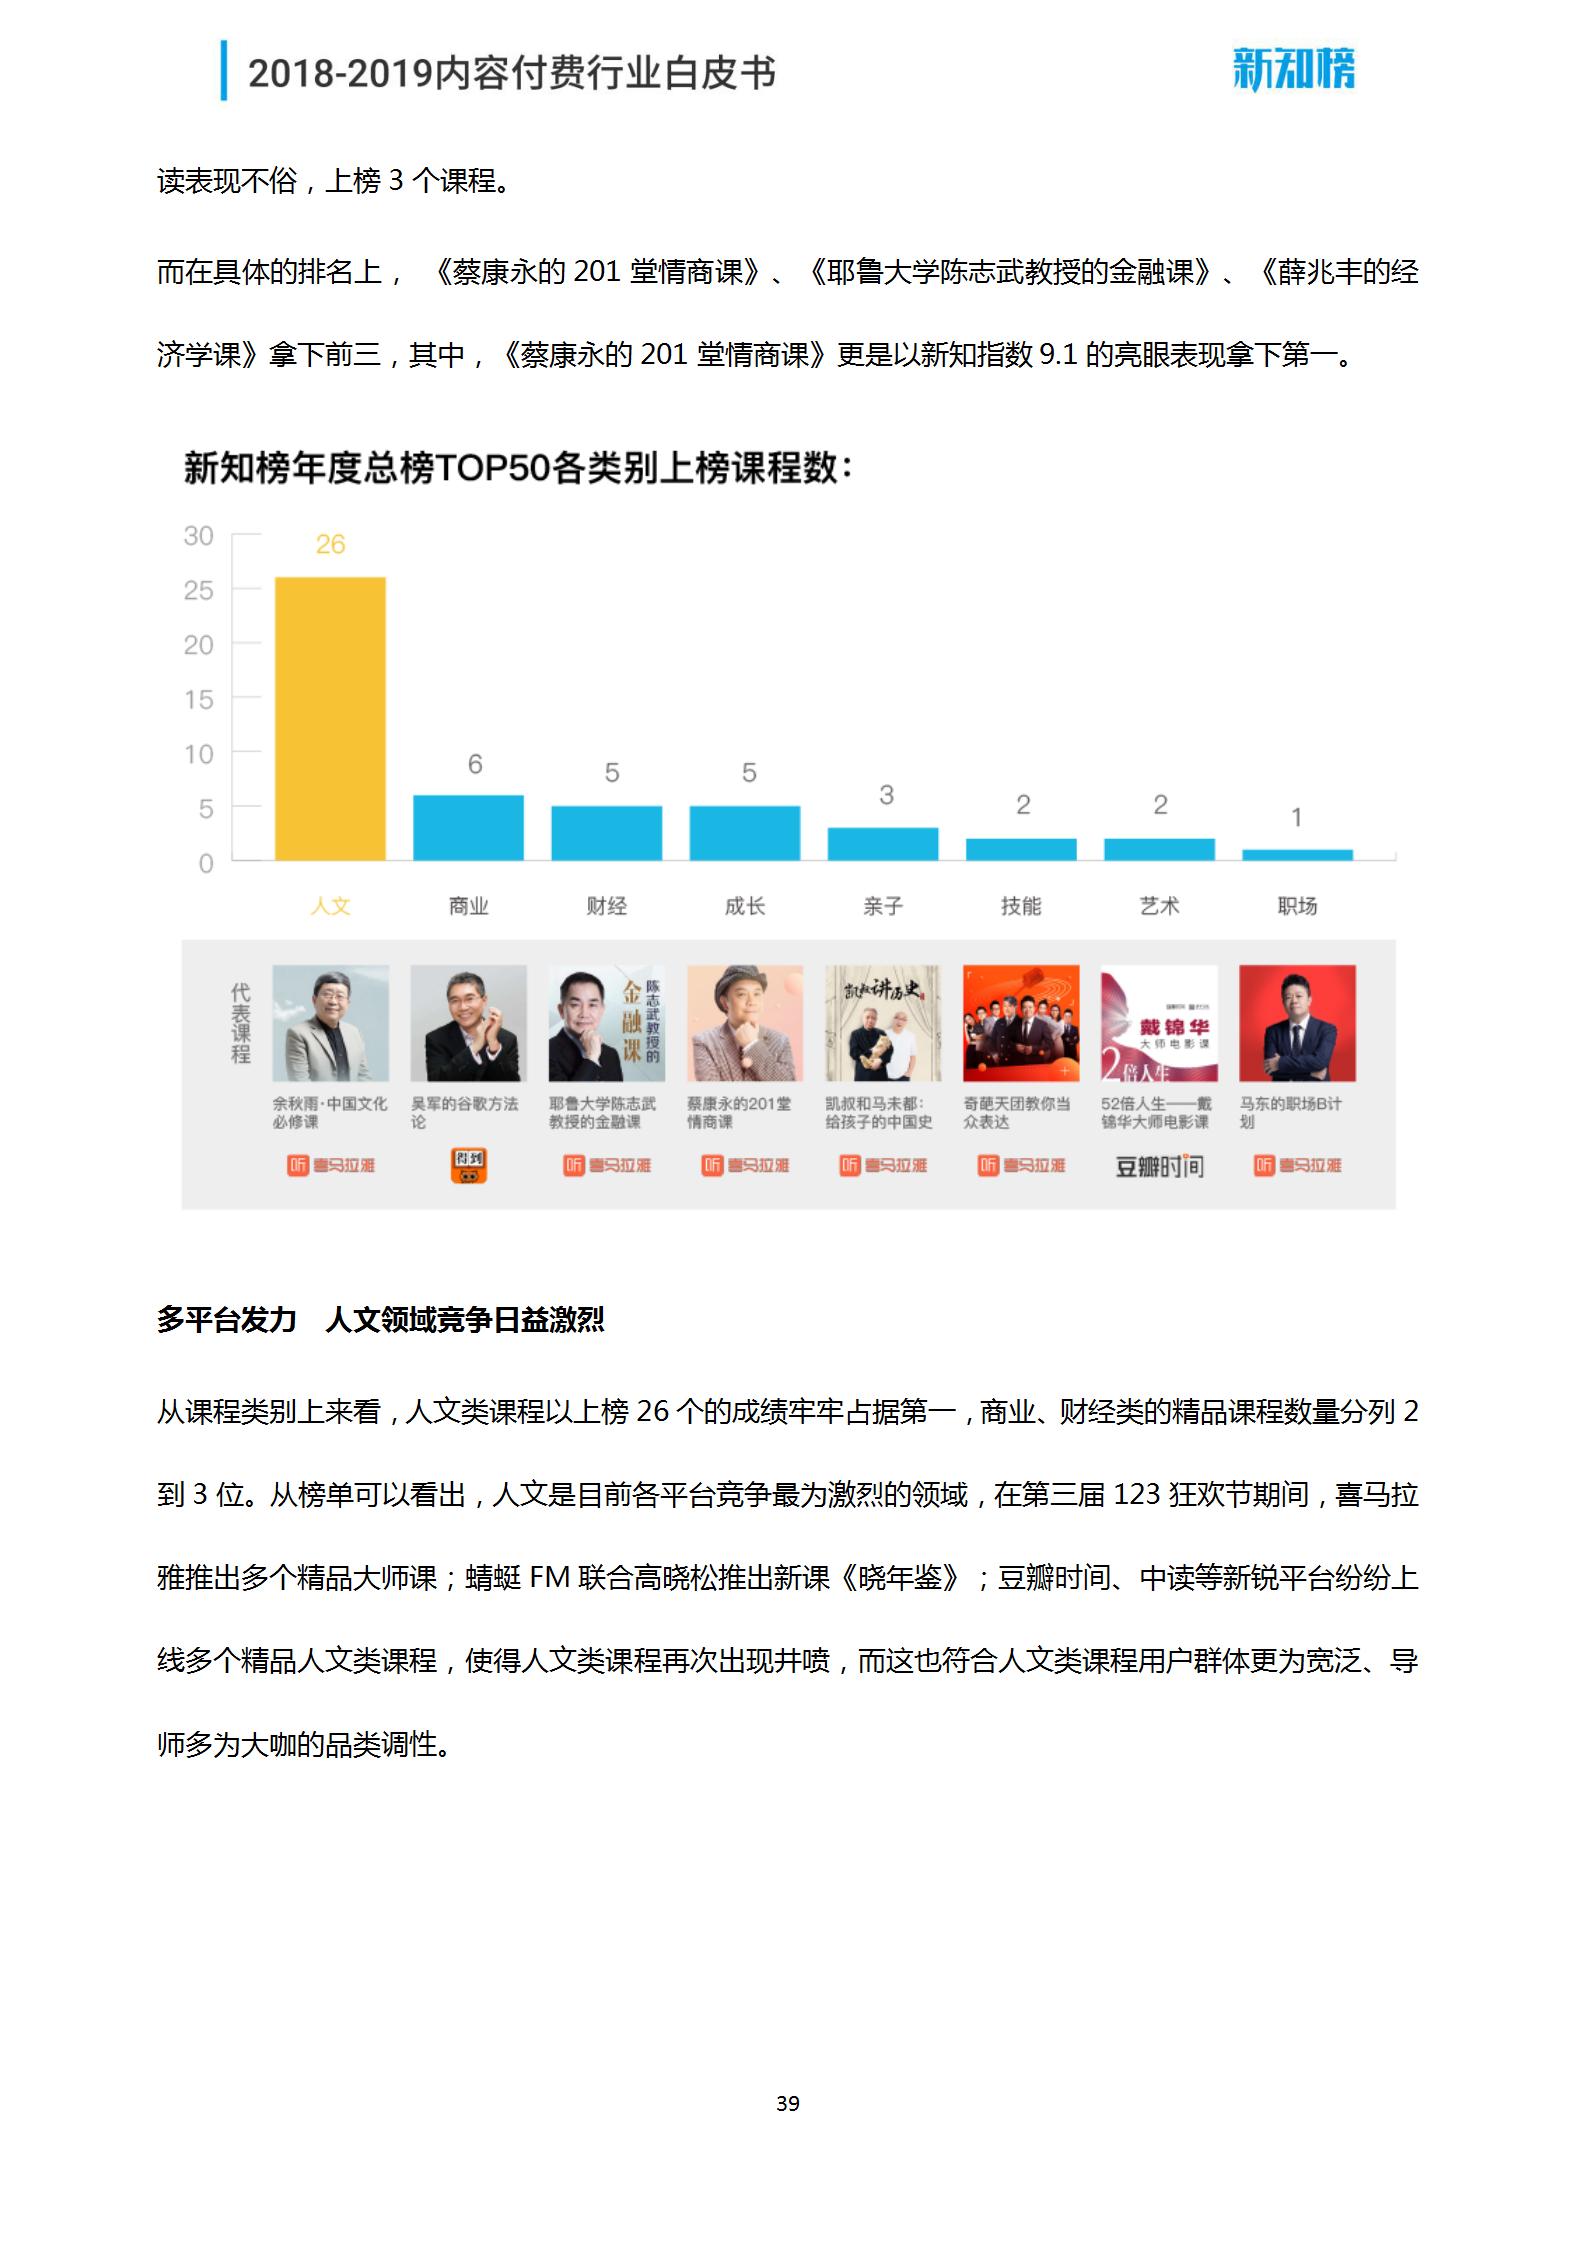 新知榜2018-2019内容付费行业白皮书_39.png